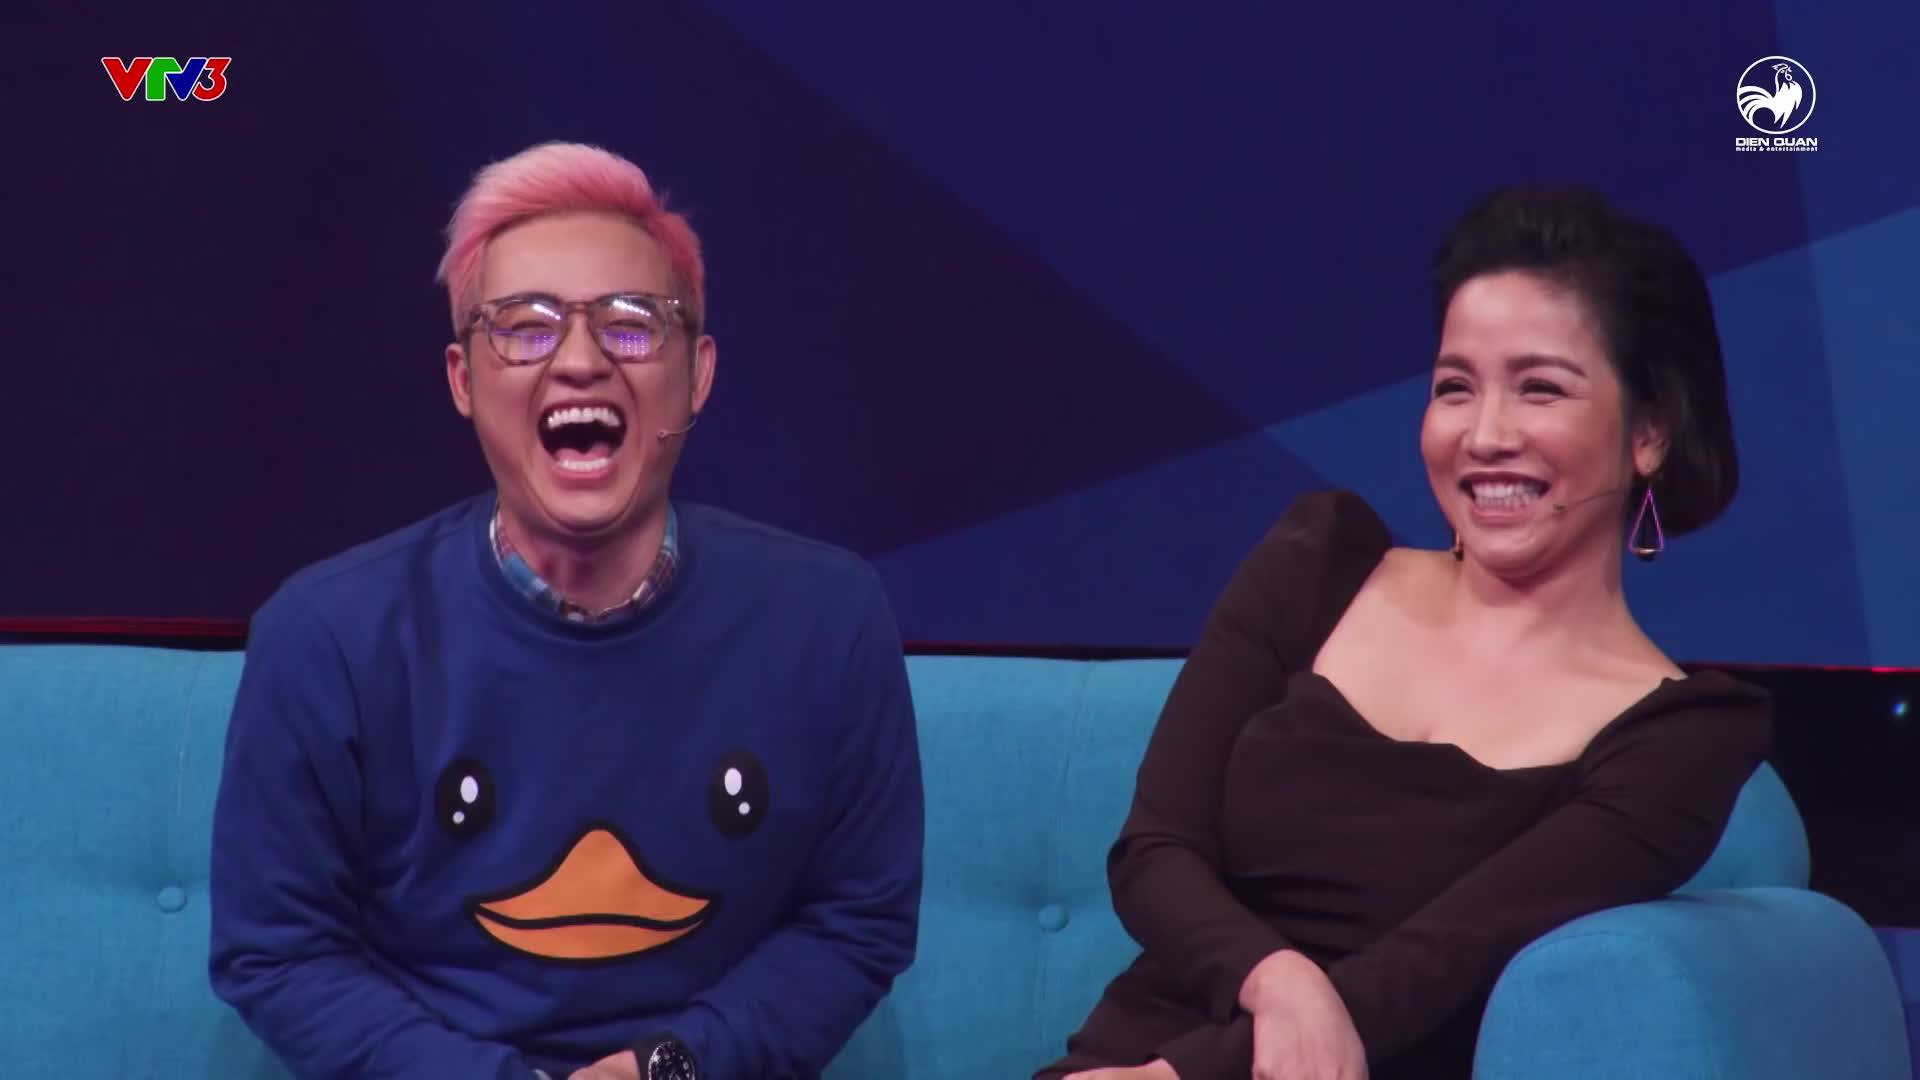 Sau Mỹ Tâm, Thanh Duy là nhân vật sở hữu nụ cười không đụng hàng tại các gameshow truyền hình